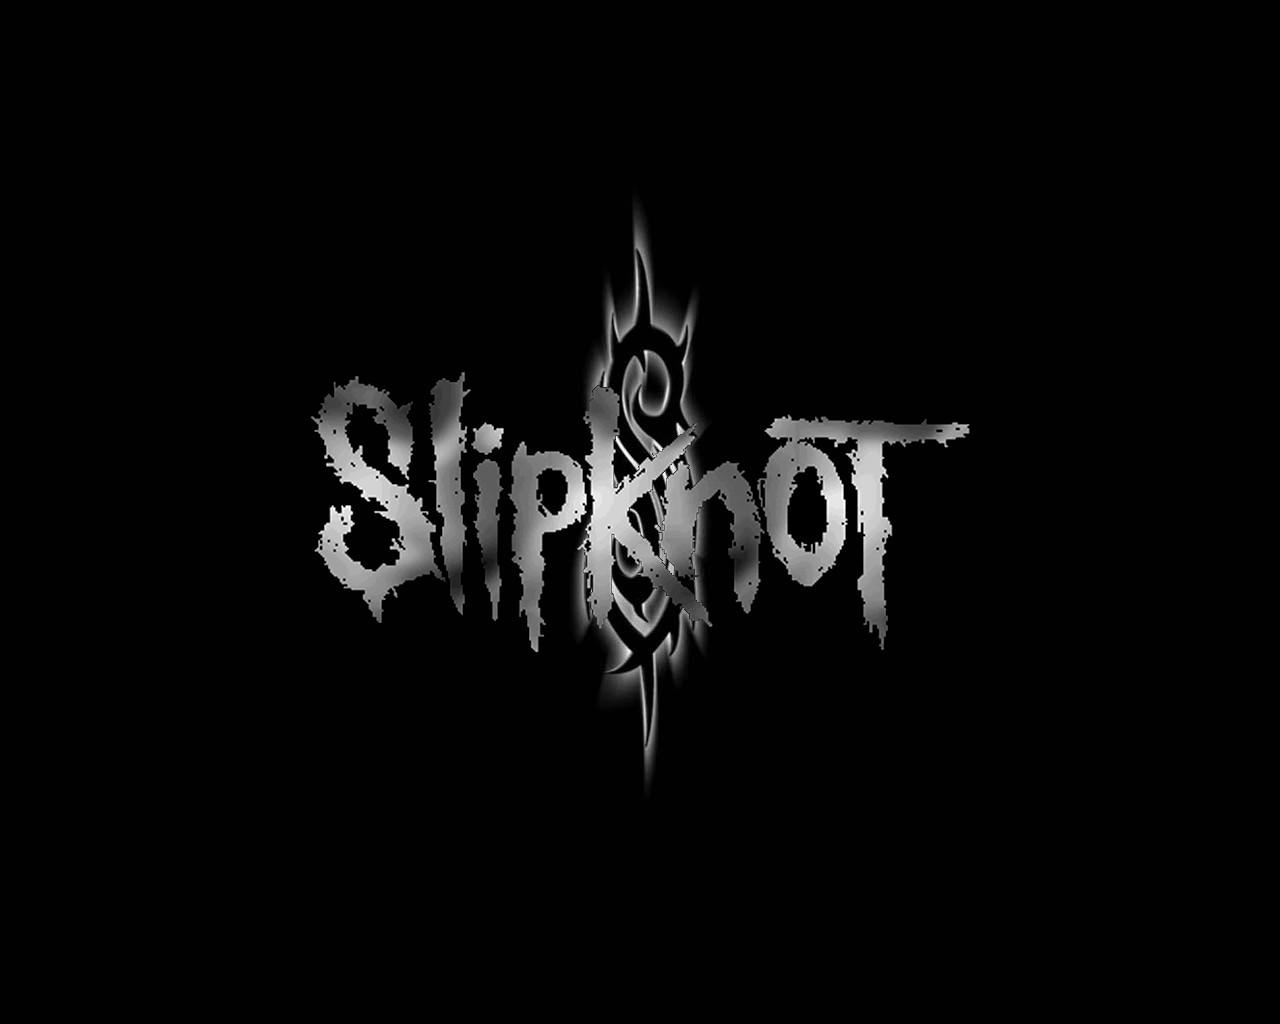 slipknot logo MEMES 1280x1024